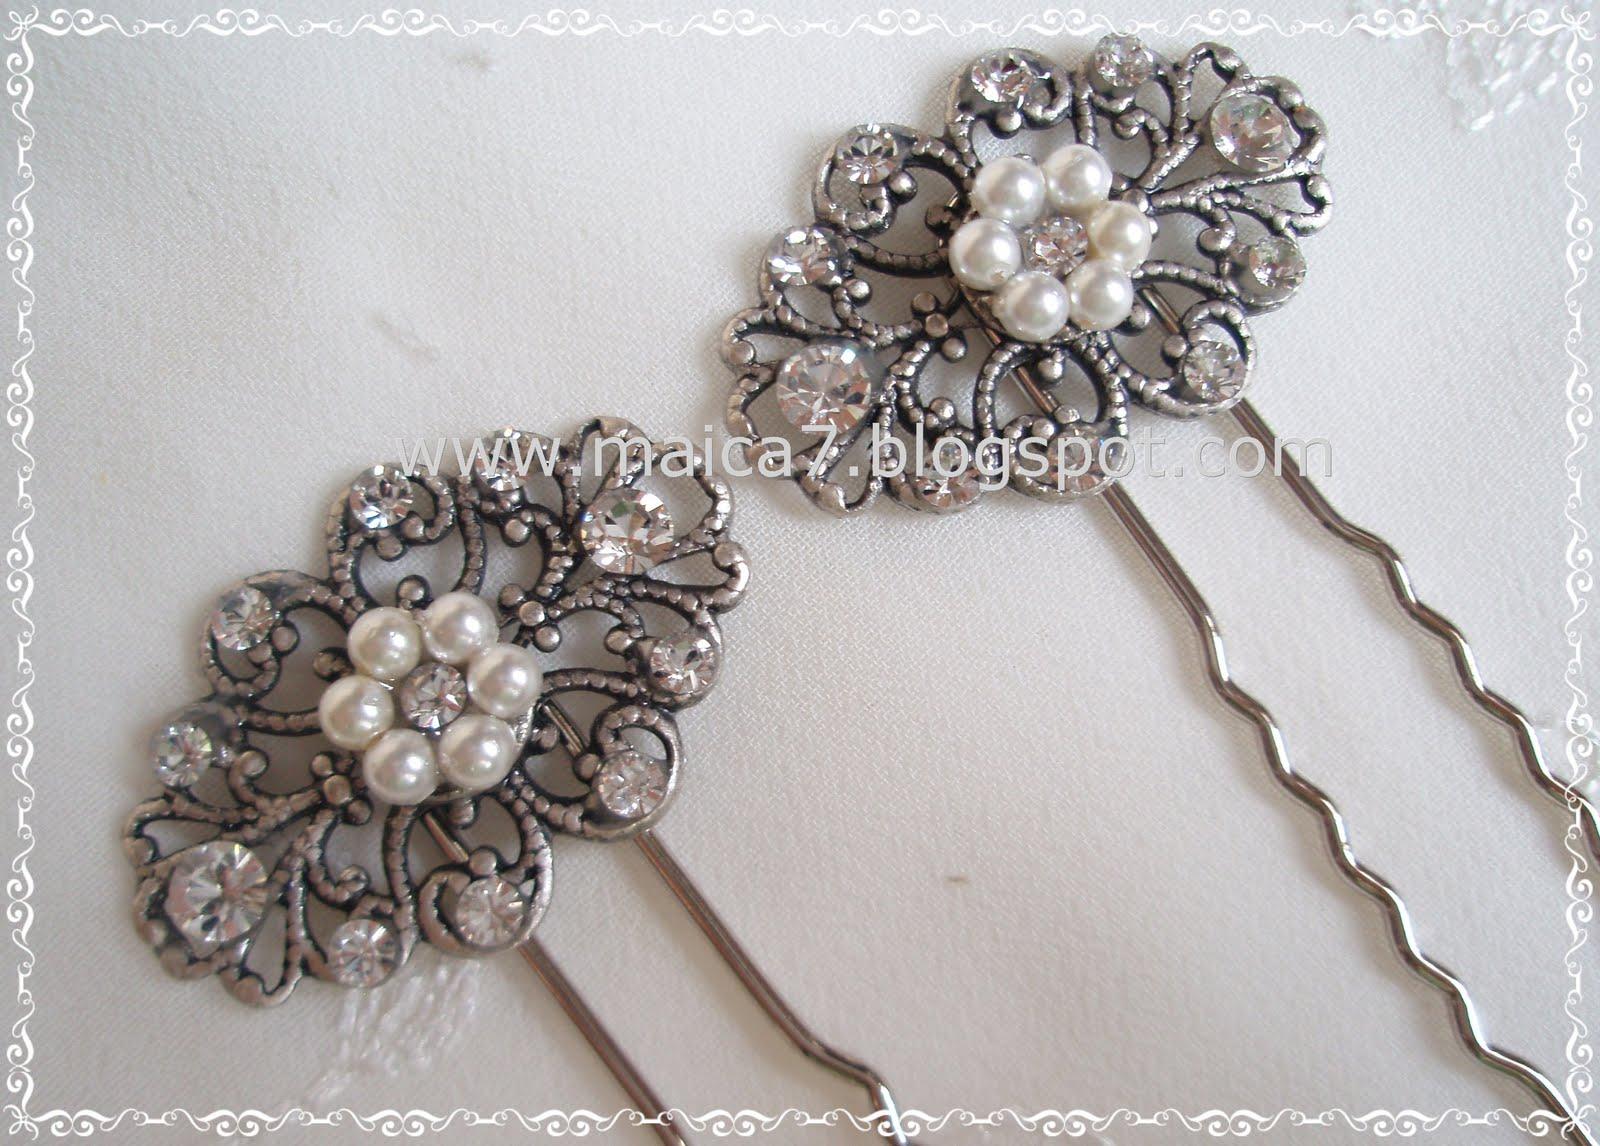 2d65f1ffad56 Bonito conjunto de novia (puedes adquirir las piezas independientemente)  formado por pendientes de novia